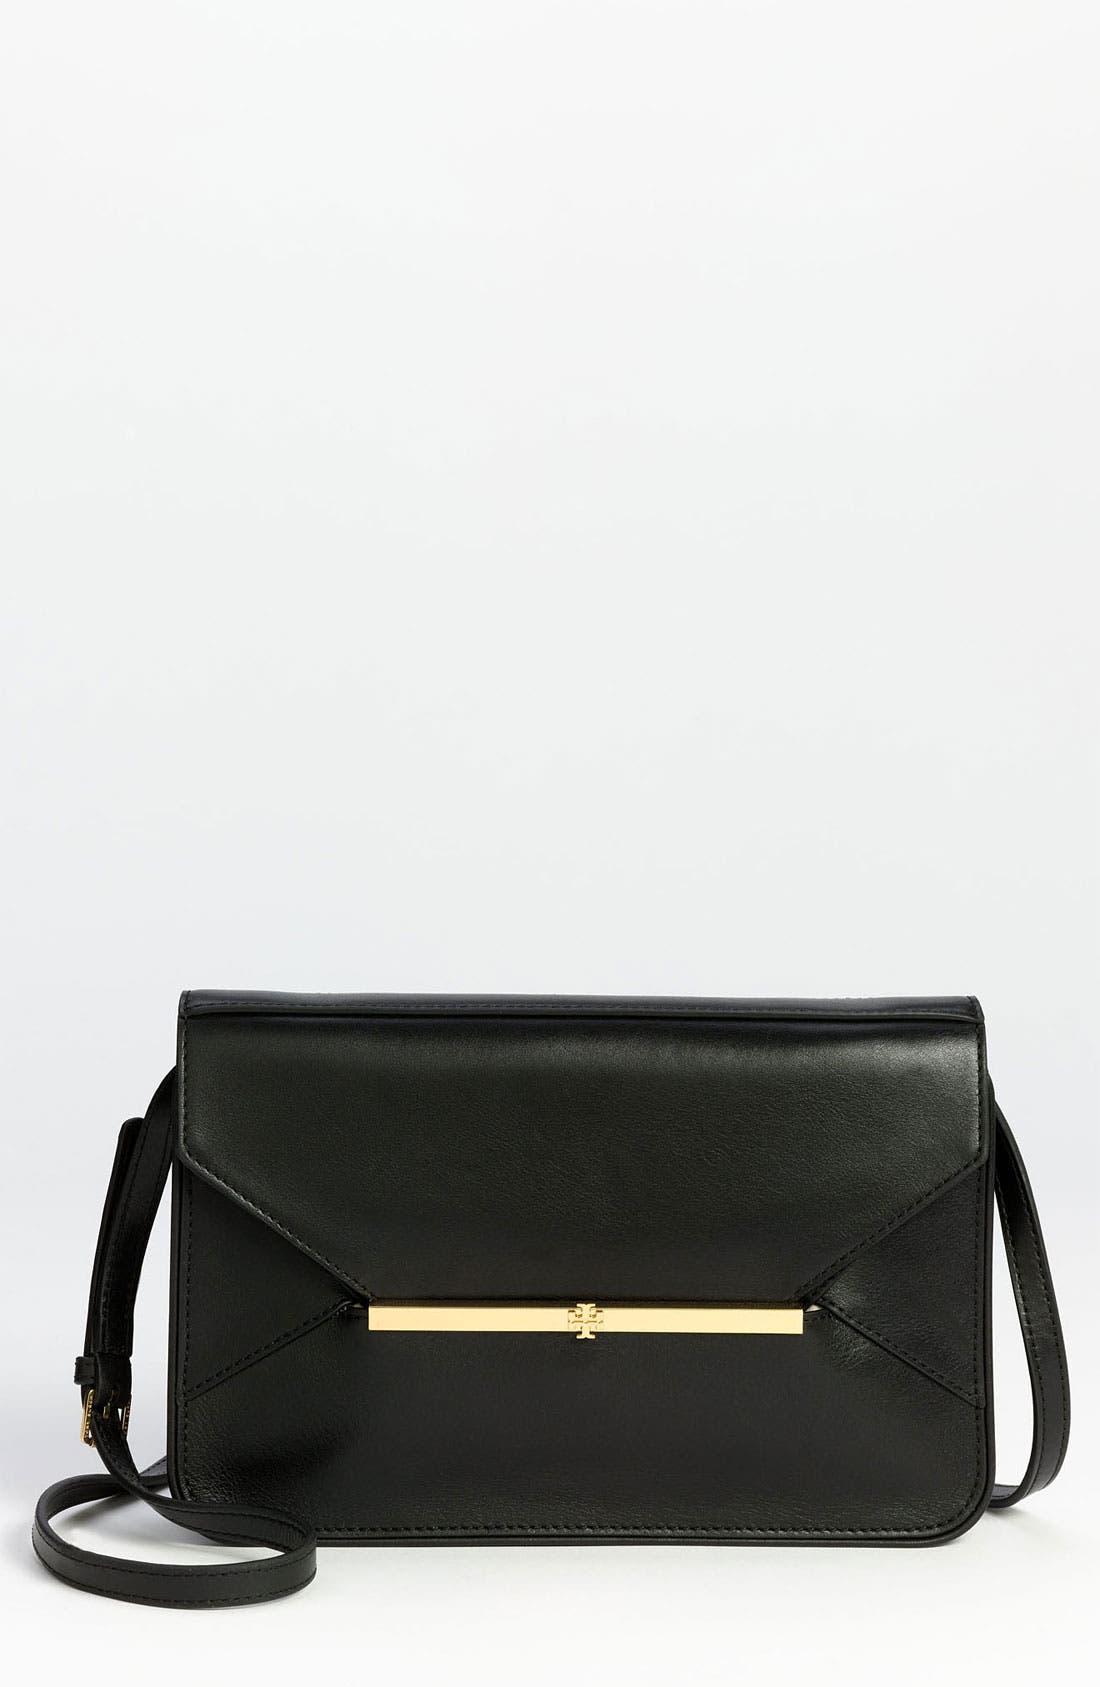 Main Image - Tory Burch 'Penelope' Envelope Crossbody Bag